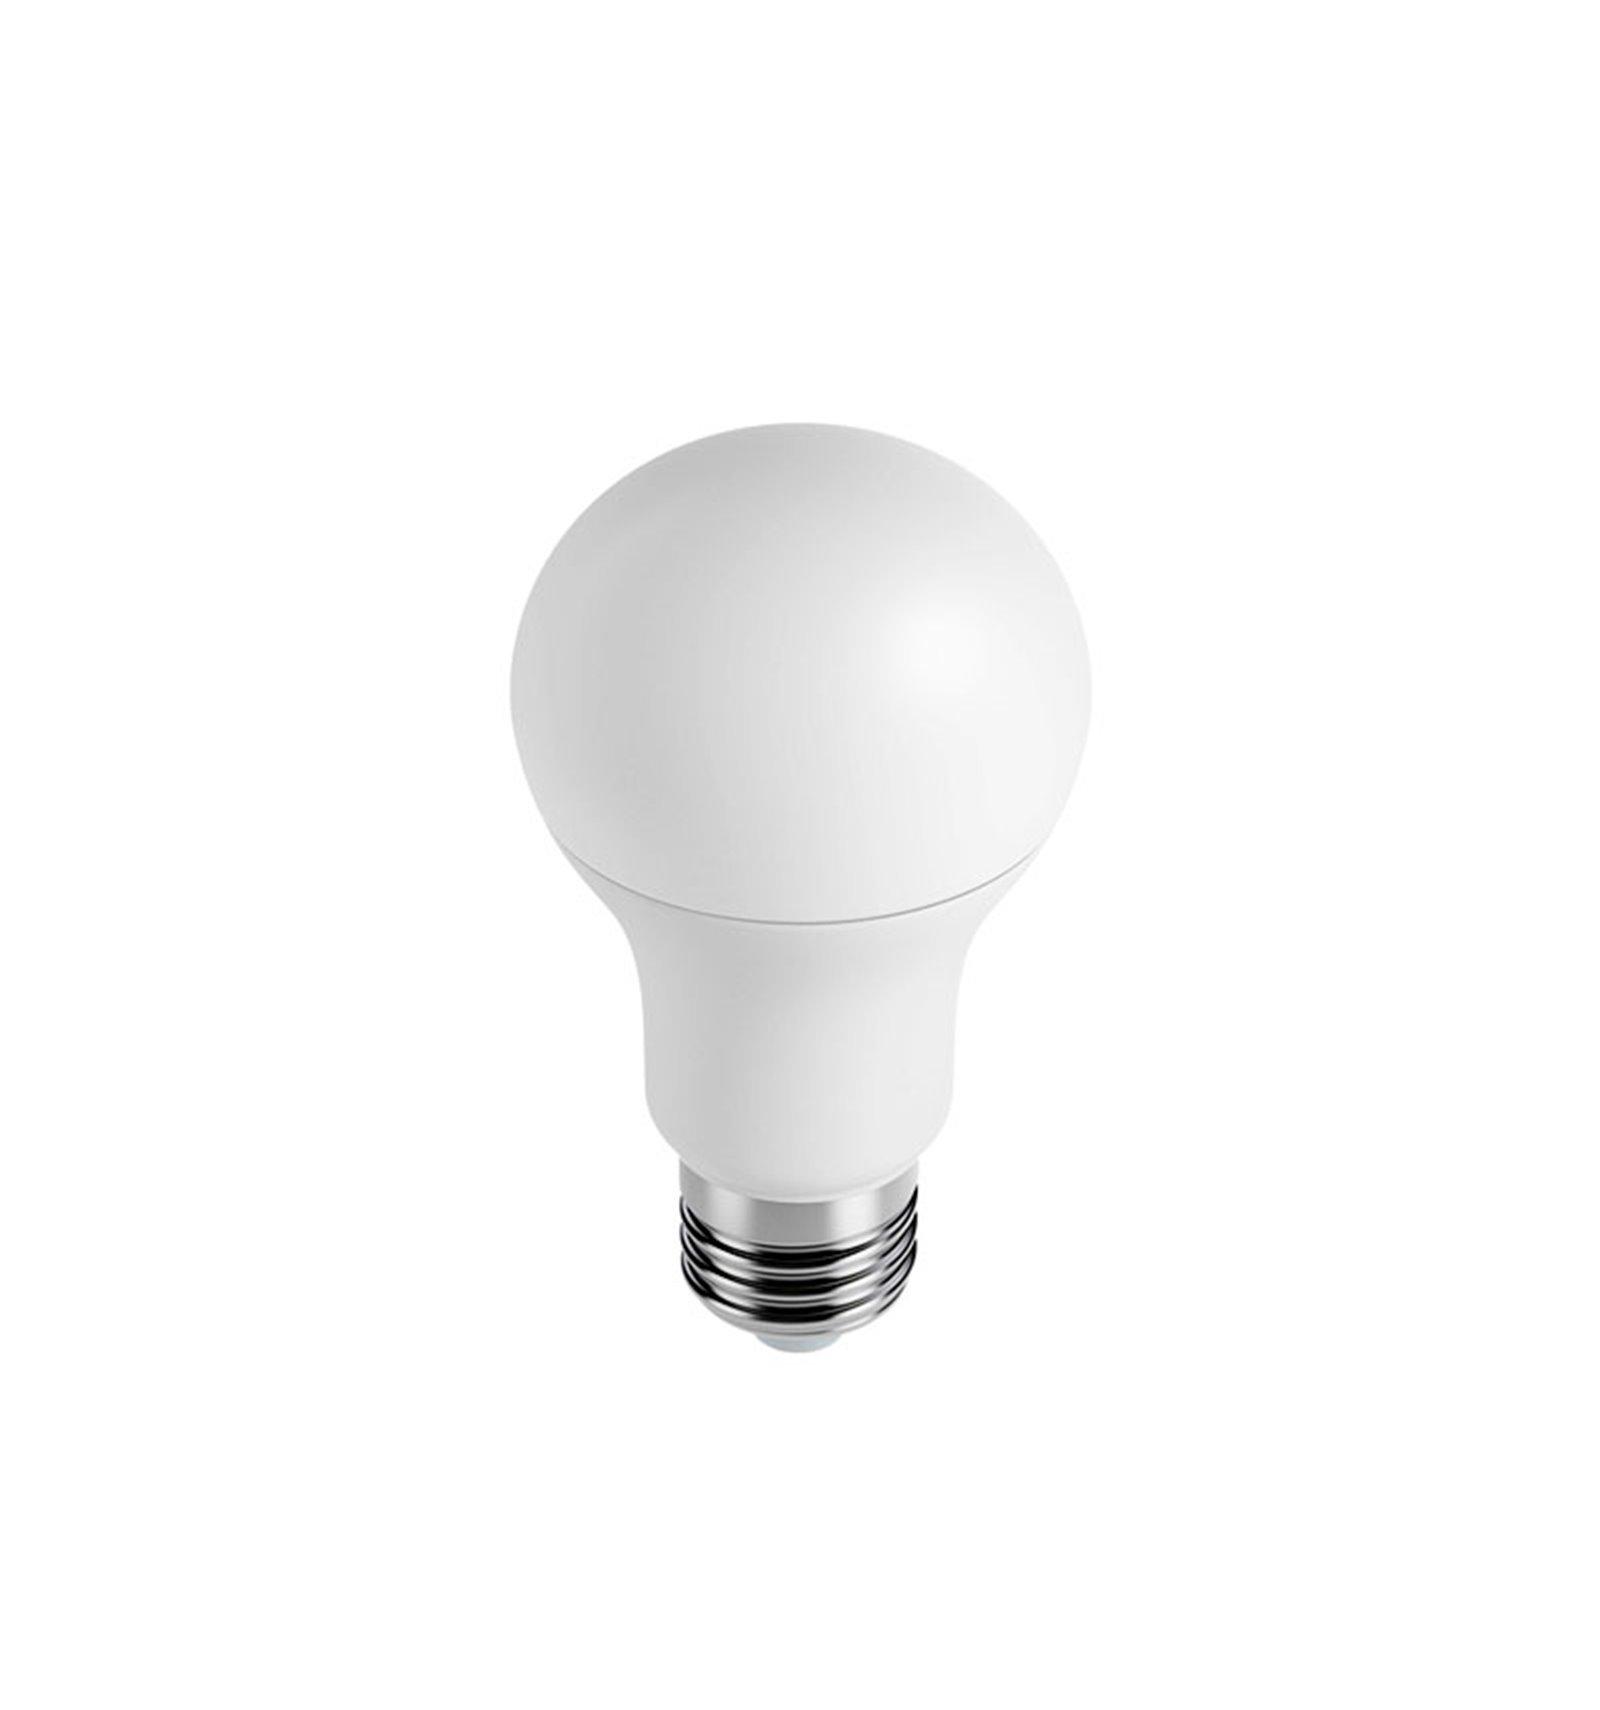 promo code 95920 55531 Xiaomi Philips WiFi LED bulb E27